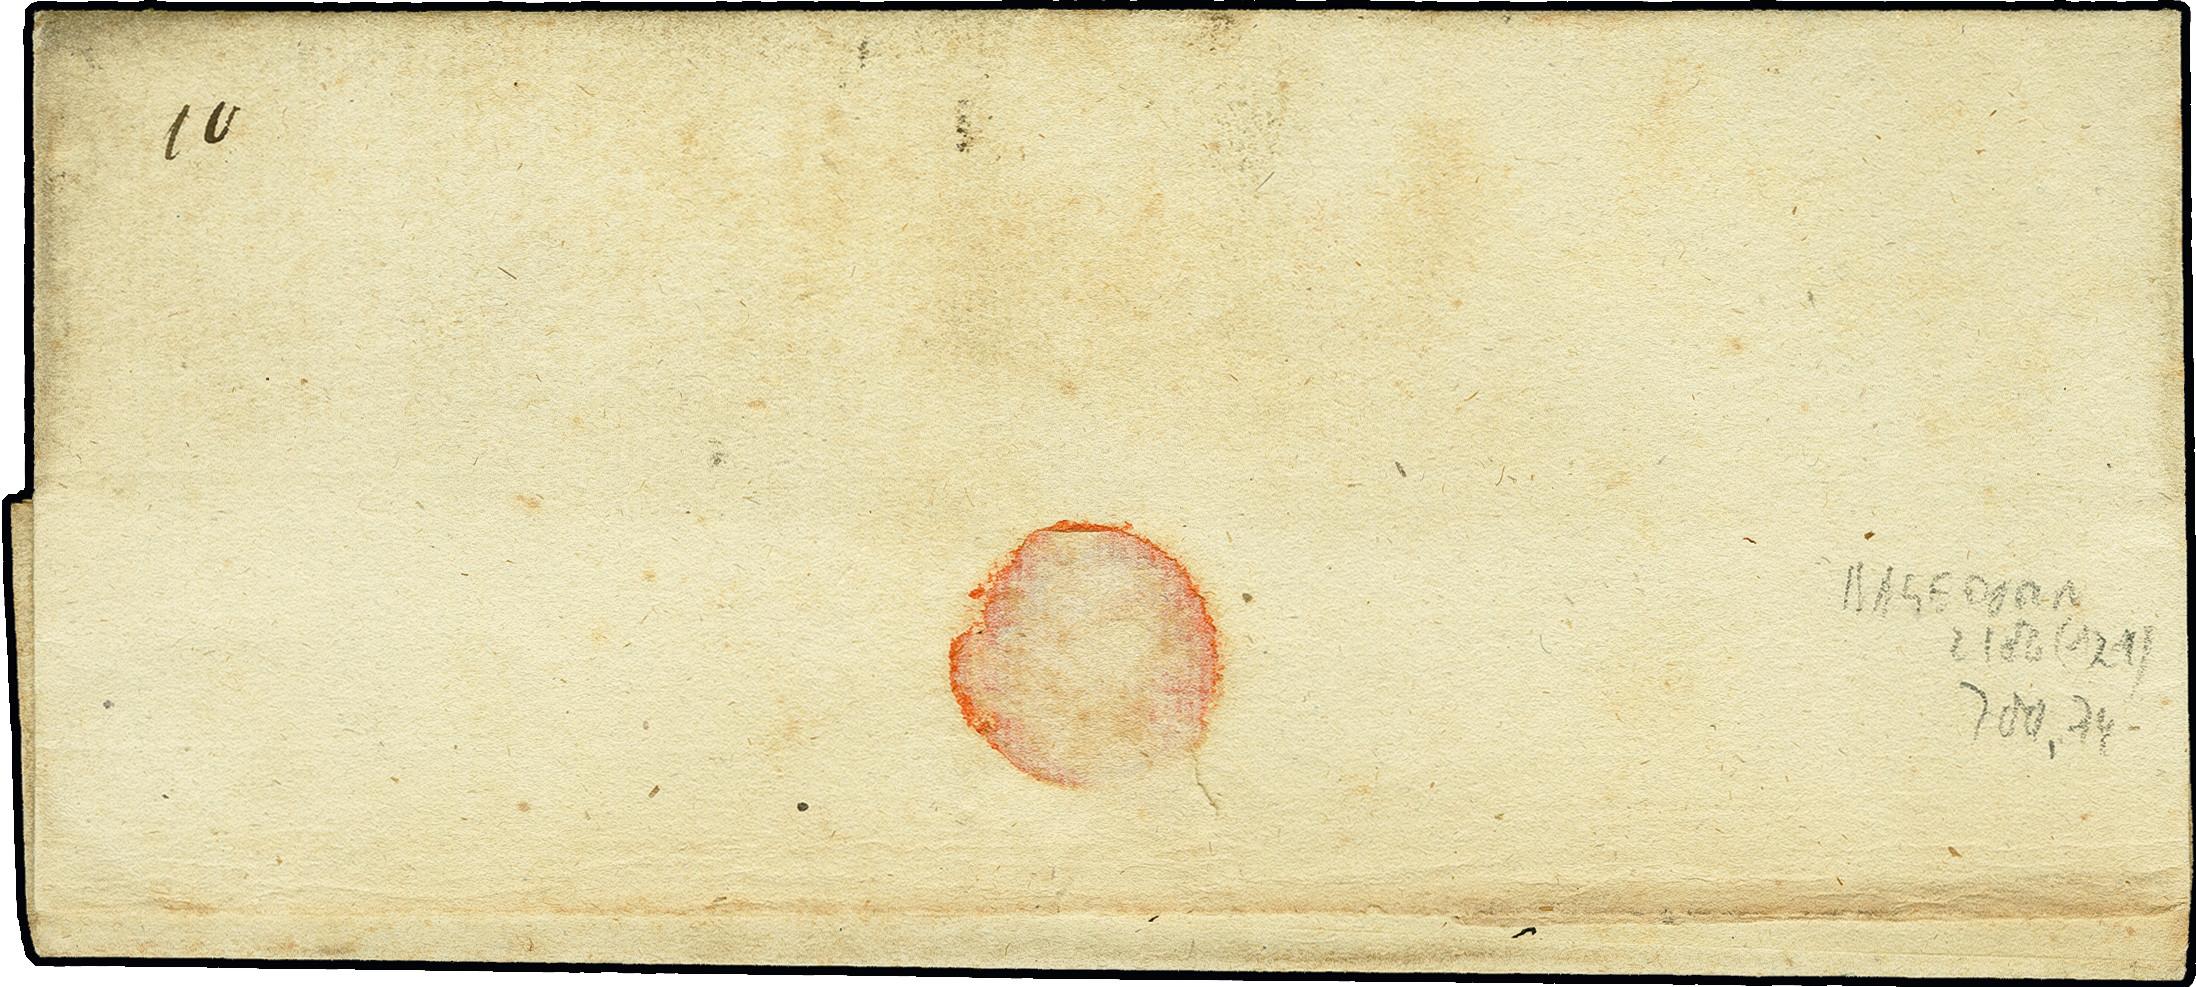 Lot 8109 - oldenburg Oldenburg - cancellations -  Heinrich Koehler Auktionen 375rd Heinrich Köhler auction - Day 5